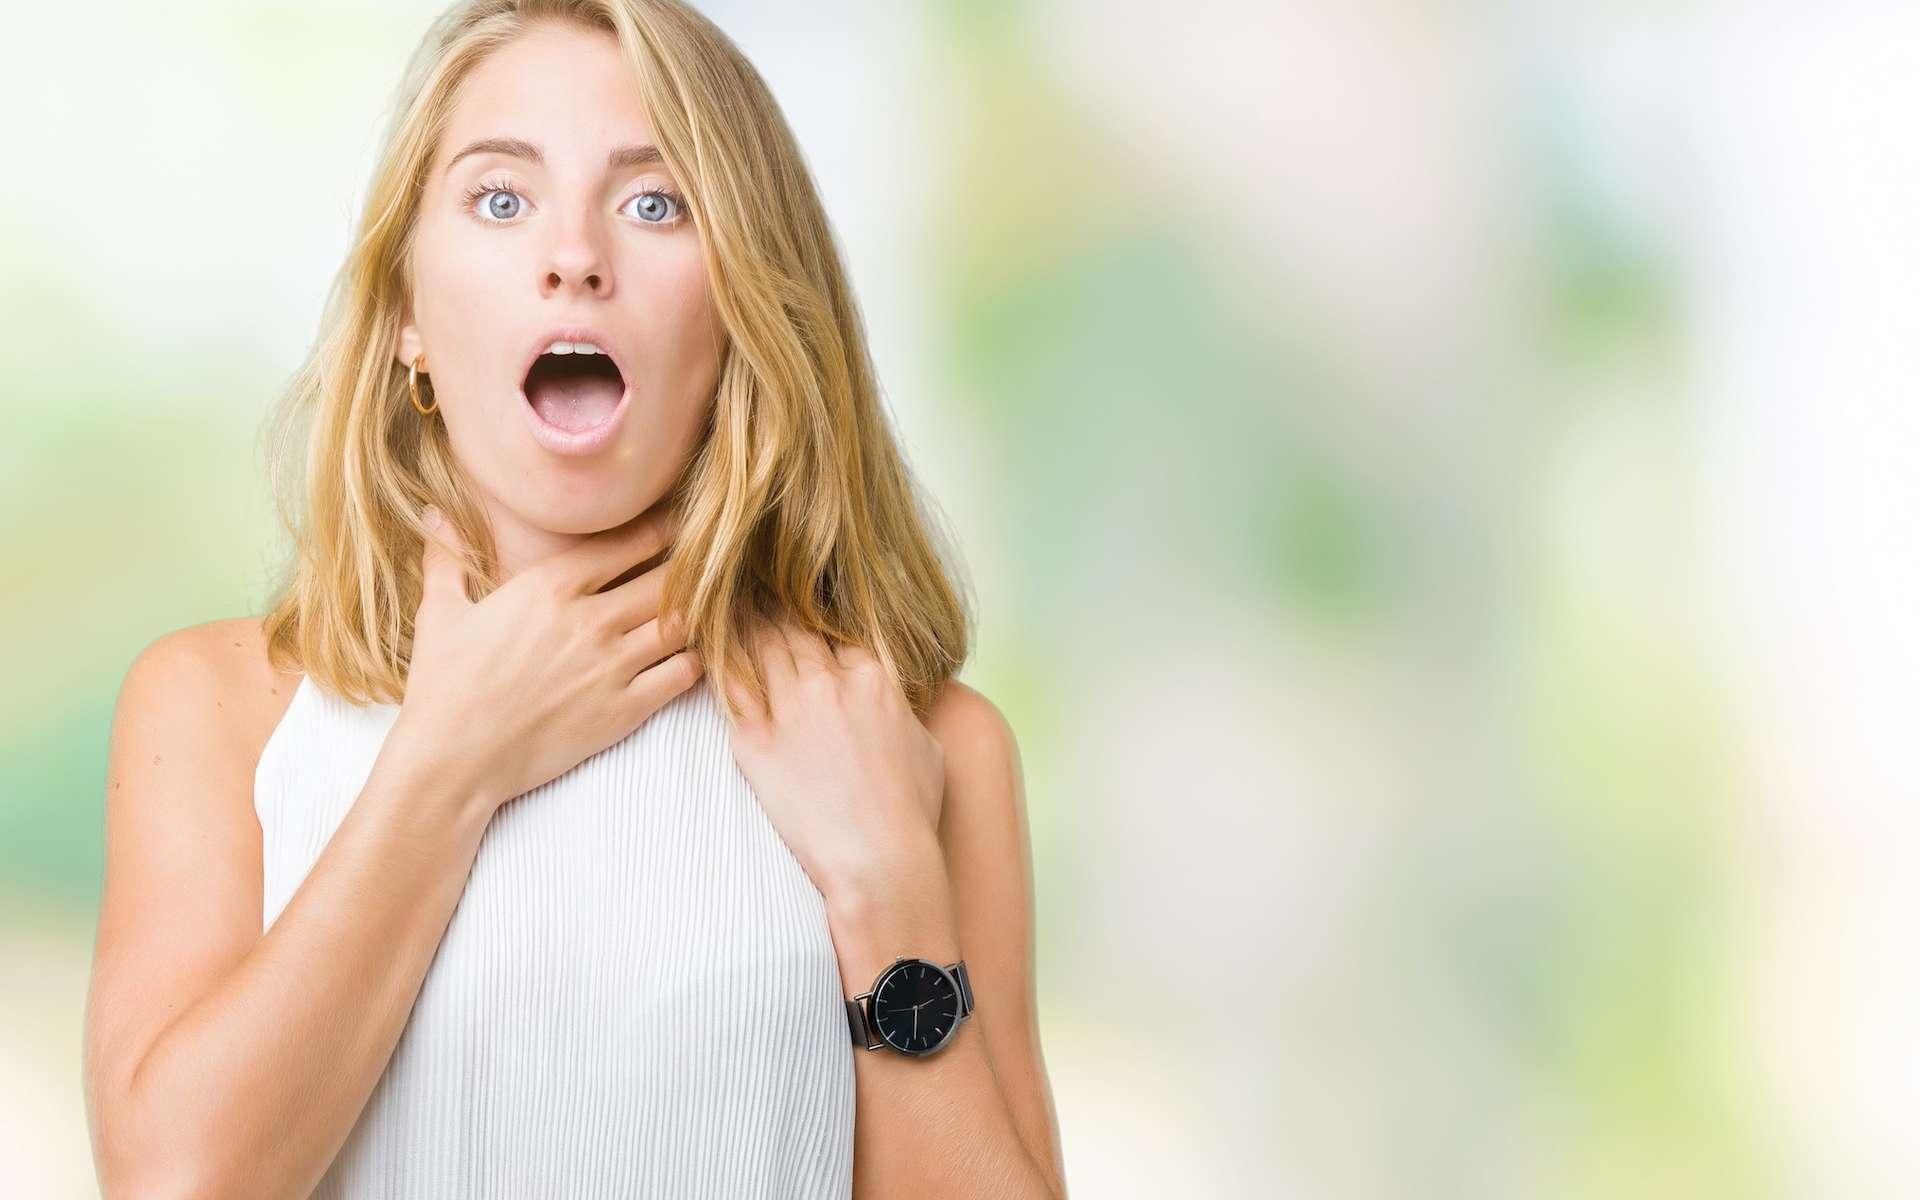 La dyspnée se manifeste par la sensation de manquer d'air. © Krakenimages.com, Adobe Stock